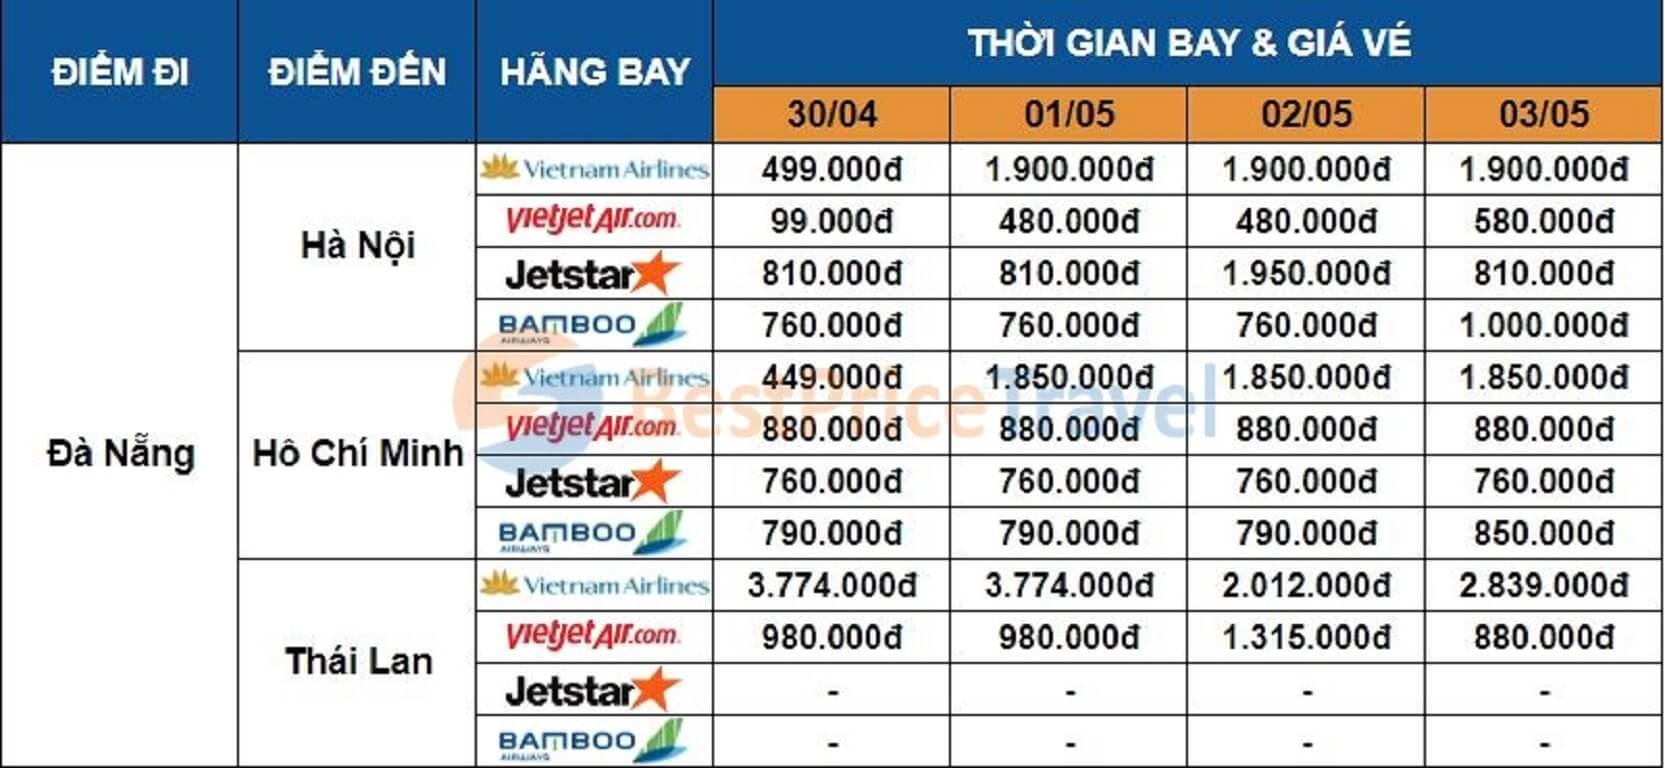 Giá vé máy bay dịp 30/04 - 01/05 một số chặng từ Đà Nẵng